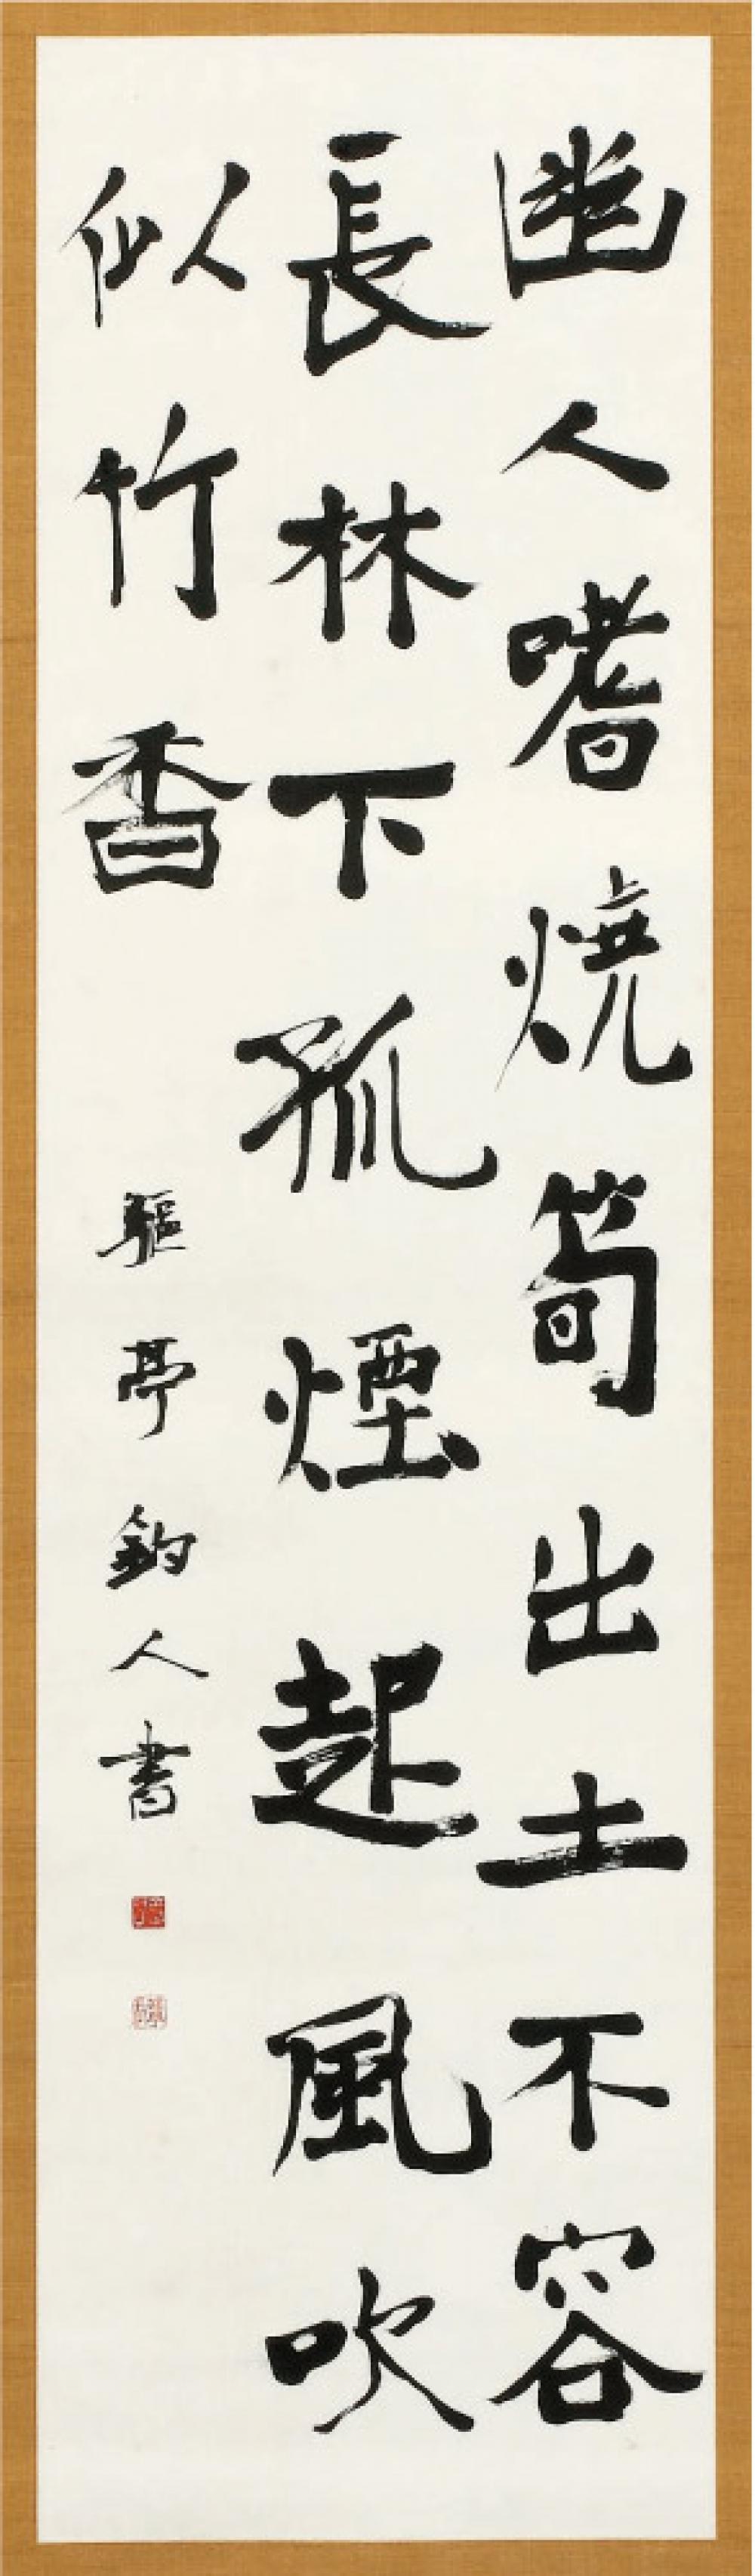 金子鷗亭《高青邱詩 焼筍》1938年  函館市蔵(北海道立函館美術館寄託)